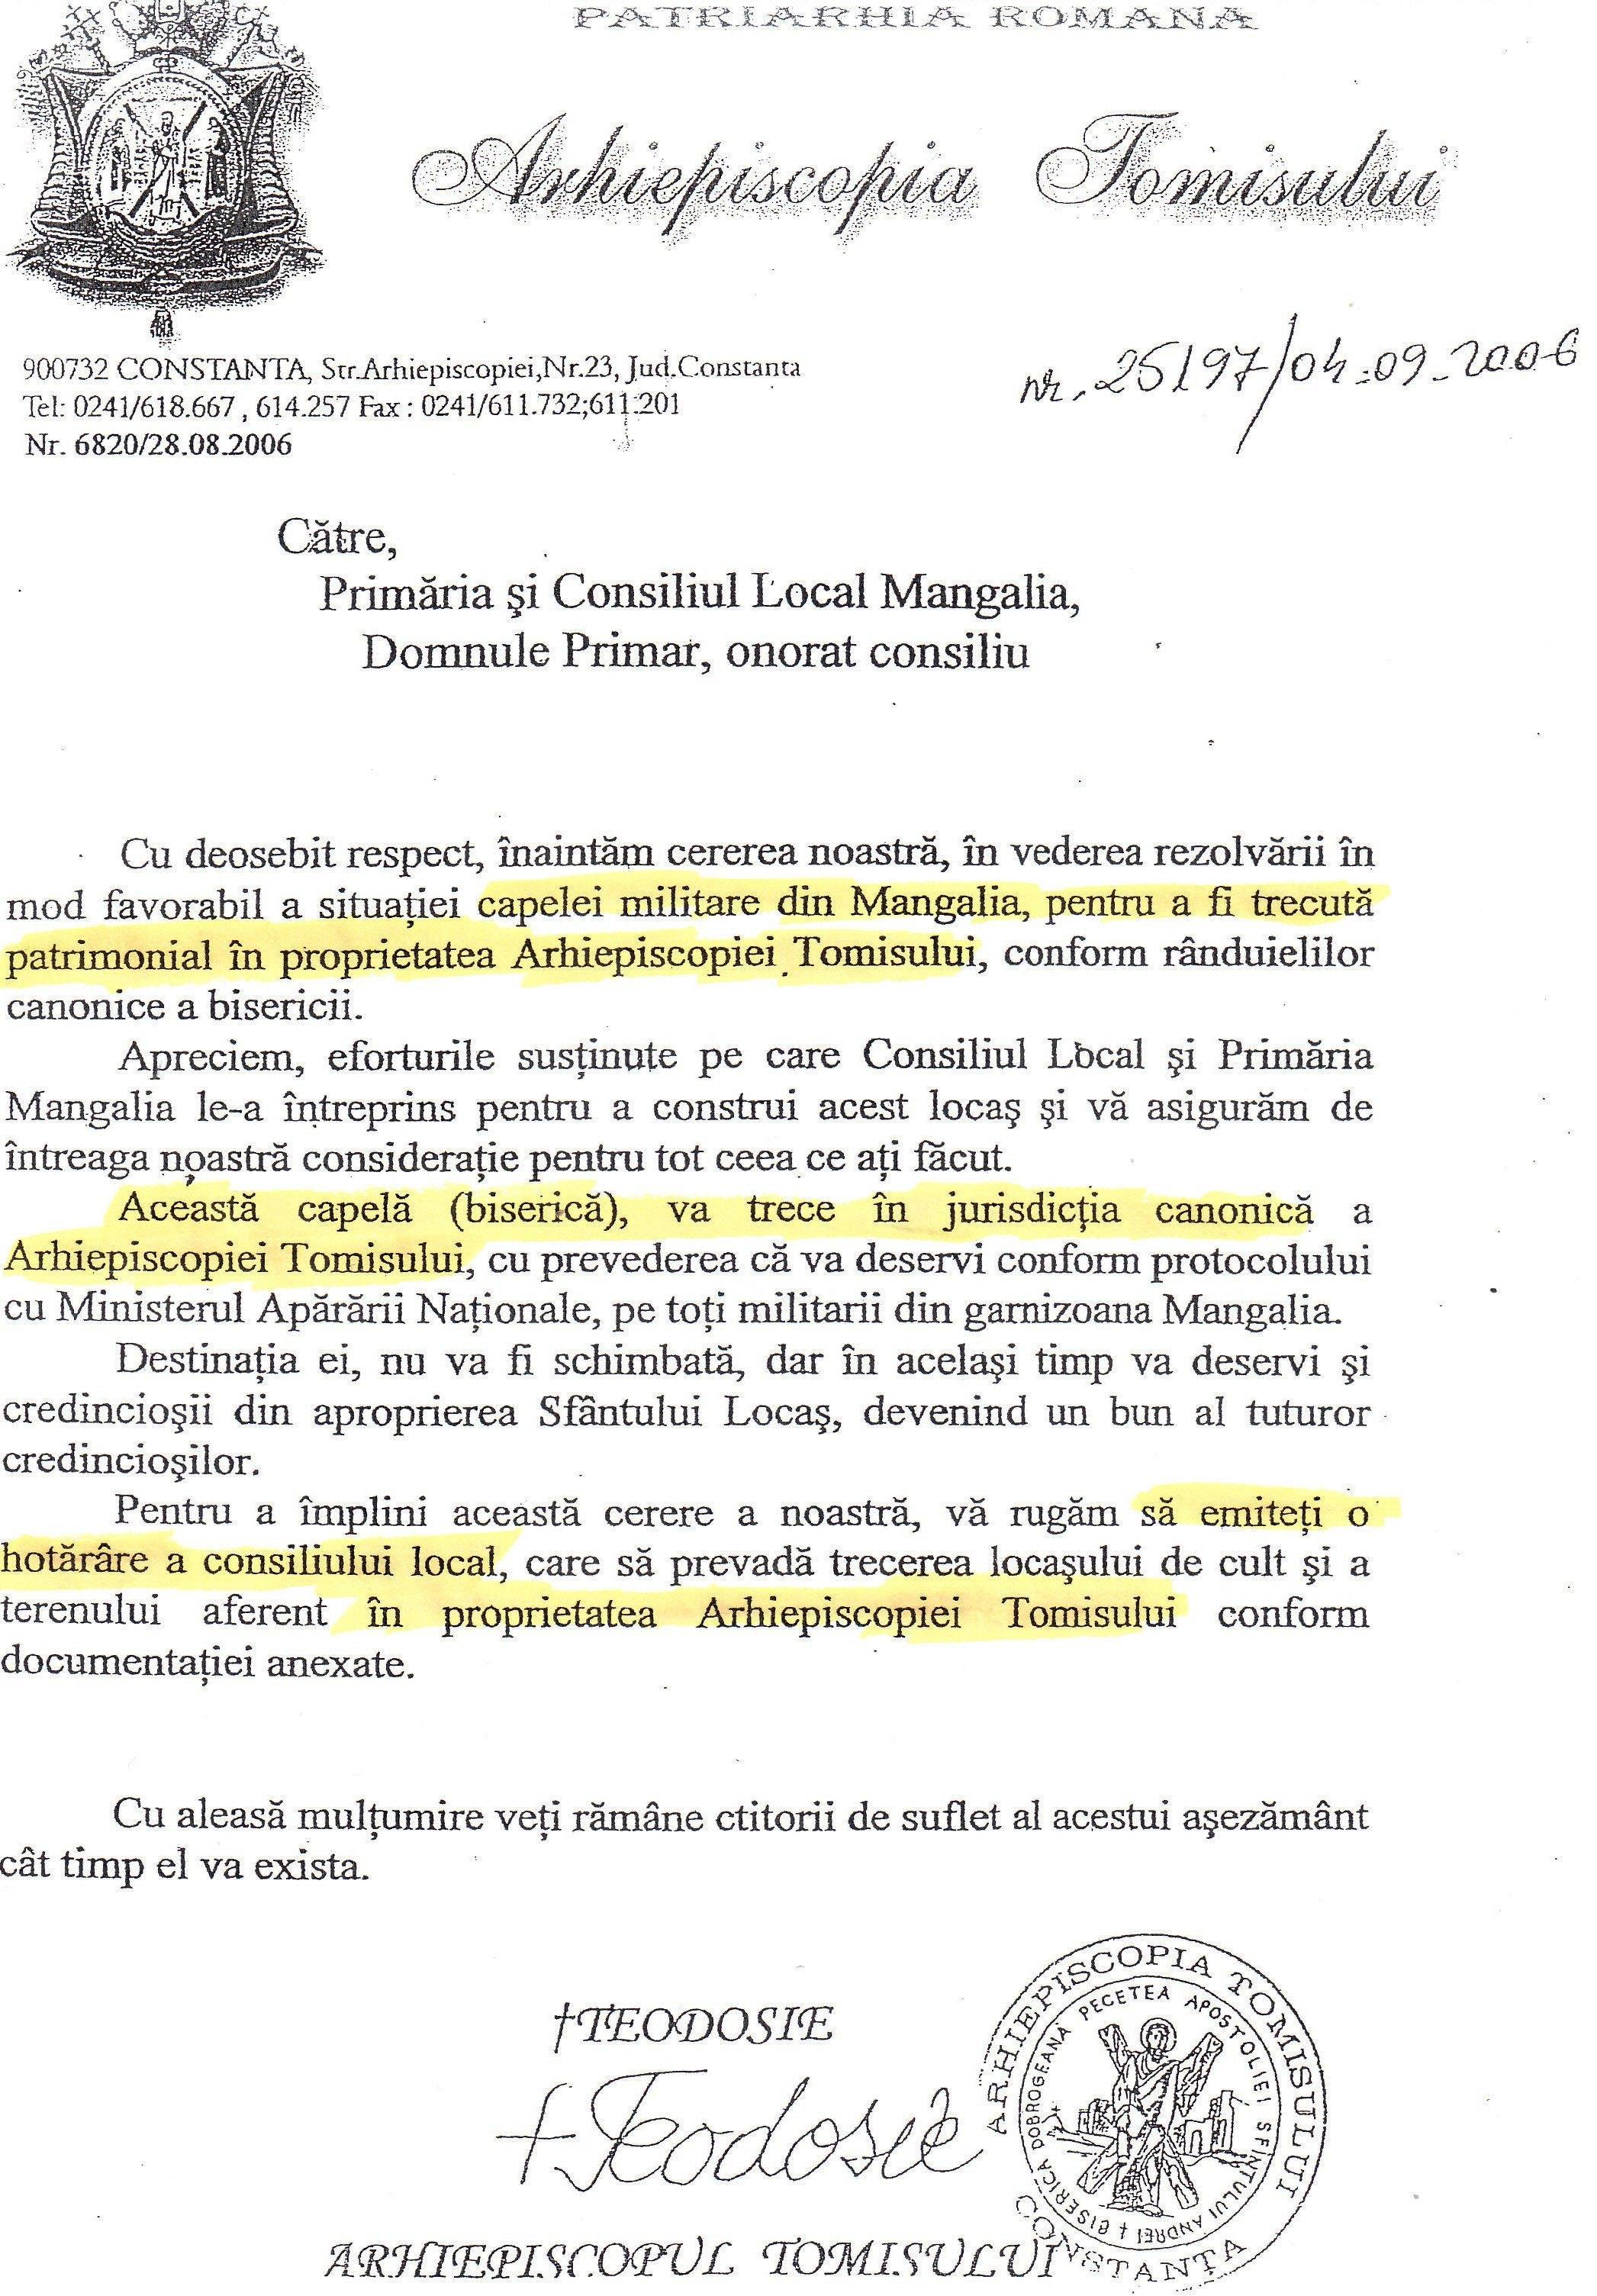 Adresa nr. 6820/ 28.08.2006, prin care Teodosie solicită o nouă Hotărâre de Consiliu Local, pentru trecerea bisericii militare și a terenului aferent în proprietatea Arhiepiscopiei, document care, dacă ar fi fost emis, ar fi anulat H.C.L. nr. 194/ 28.X.2003 și H.G. nr. 738/ 29.08.1996!!!